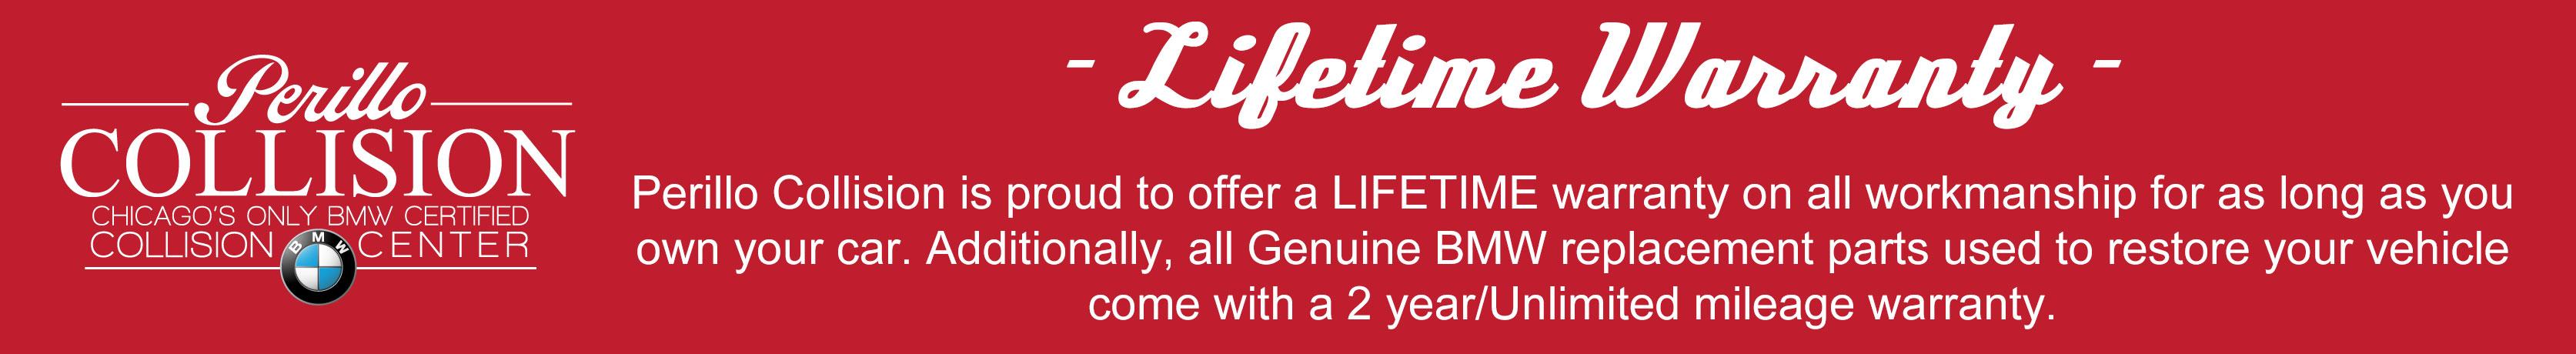 Perillo Collision Lifetime Warranty